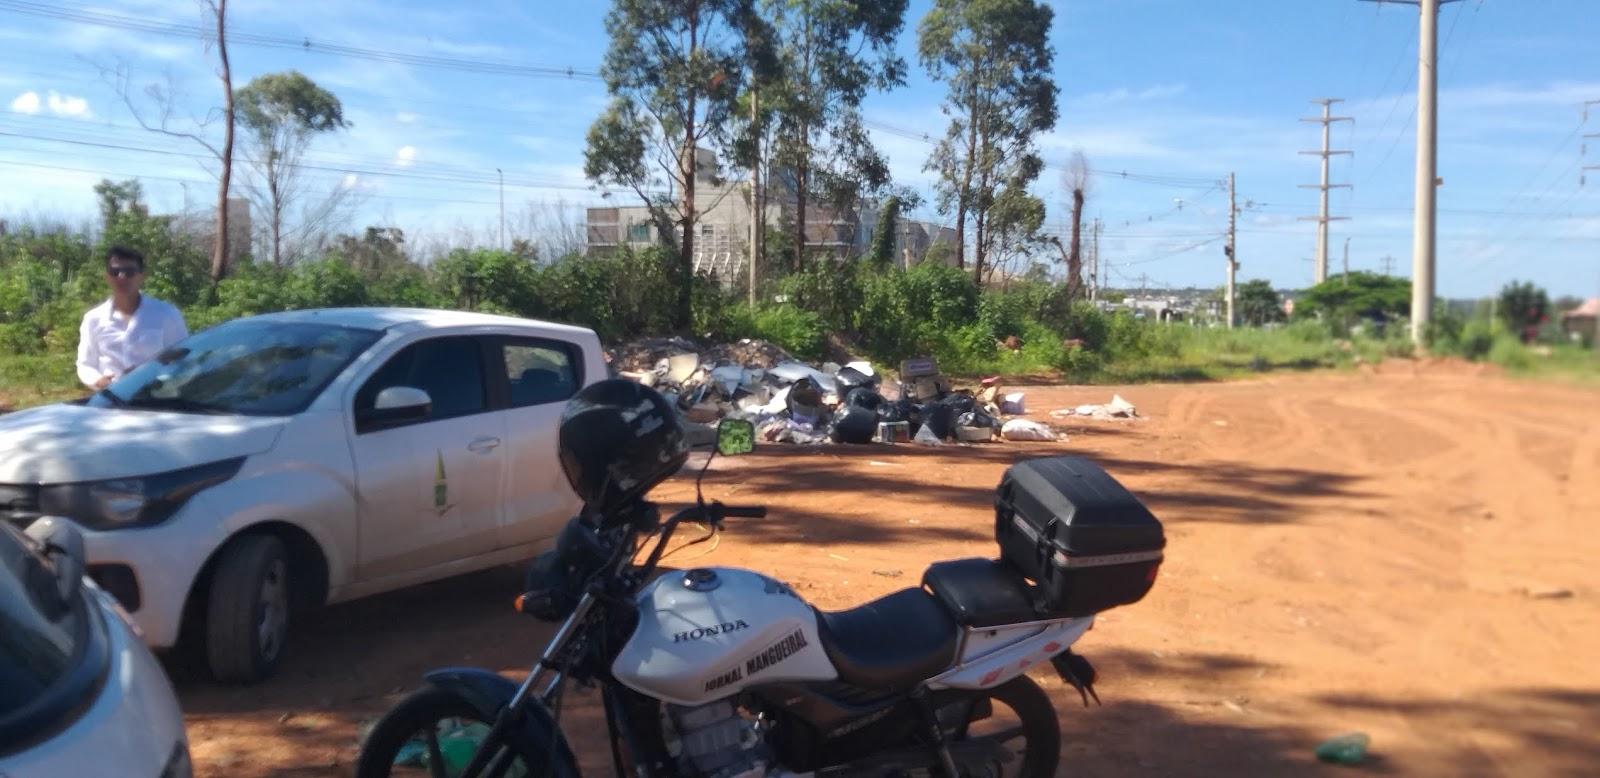 20190114 103545 - O administrador regional do Jardim Botânico, João Carlos Lóssio lançou, nesta segunda feira, ações de limpeza nas ruas que acontecerão de 14 a 16 de janeiro de 2019. SOS DF